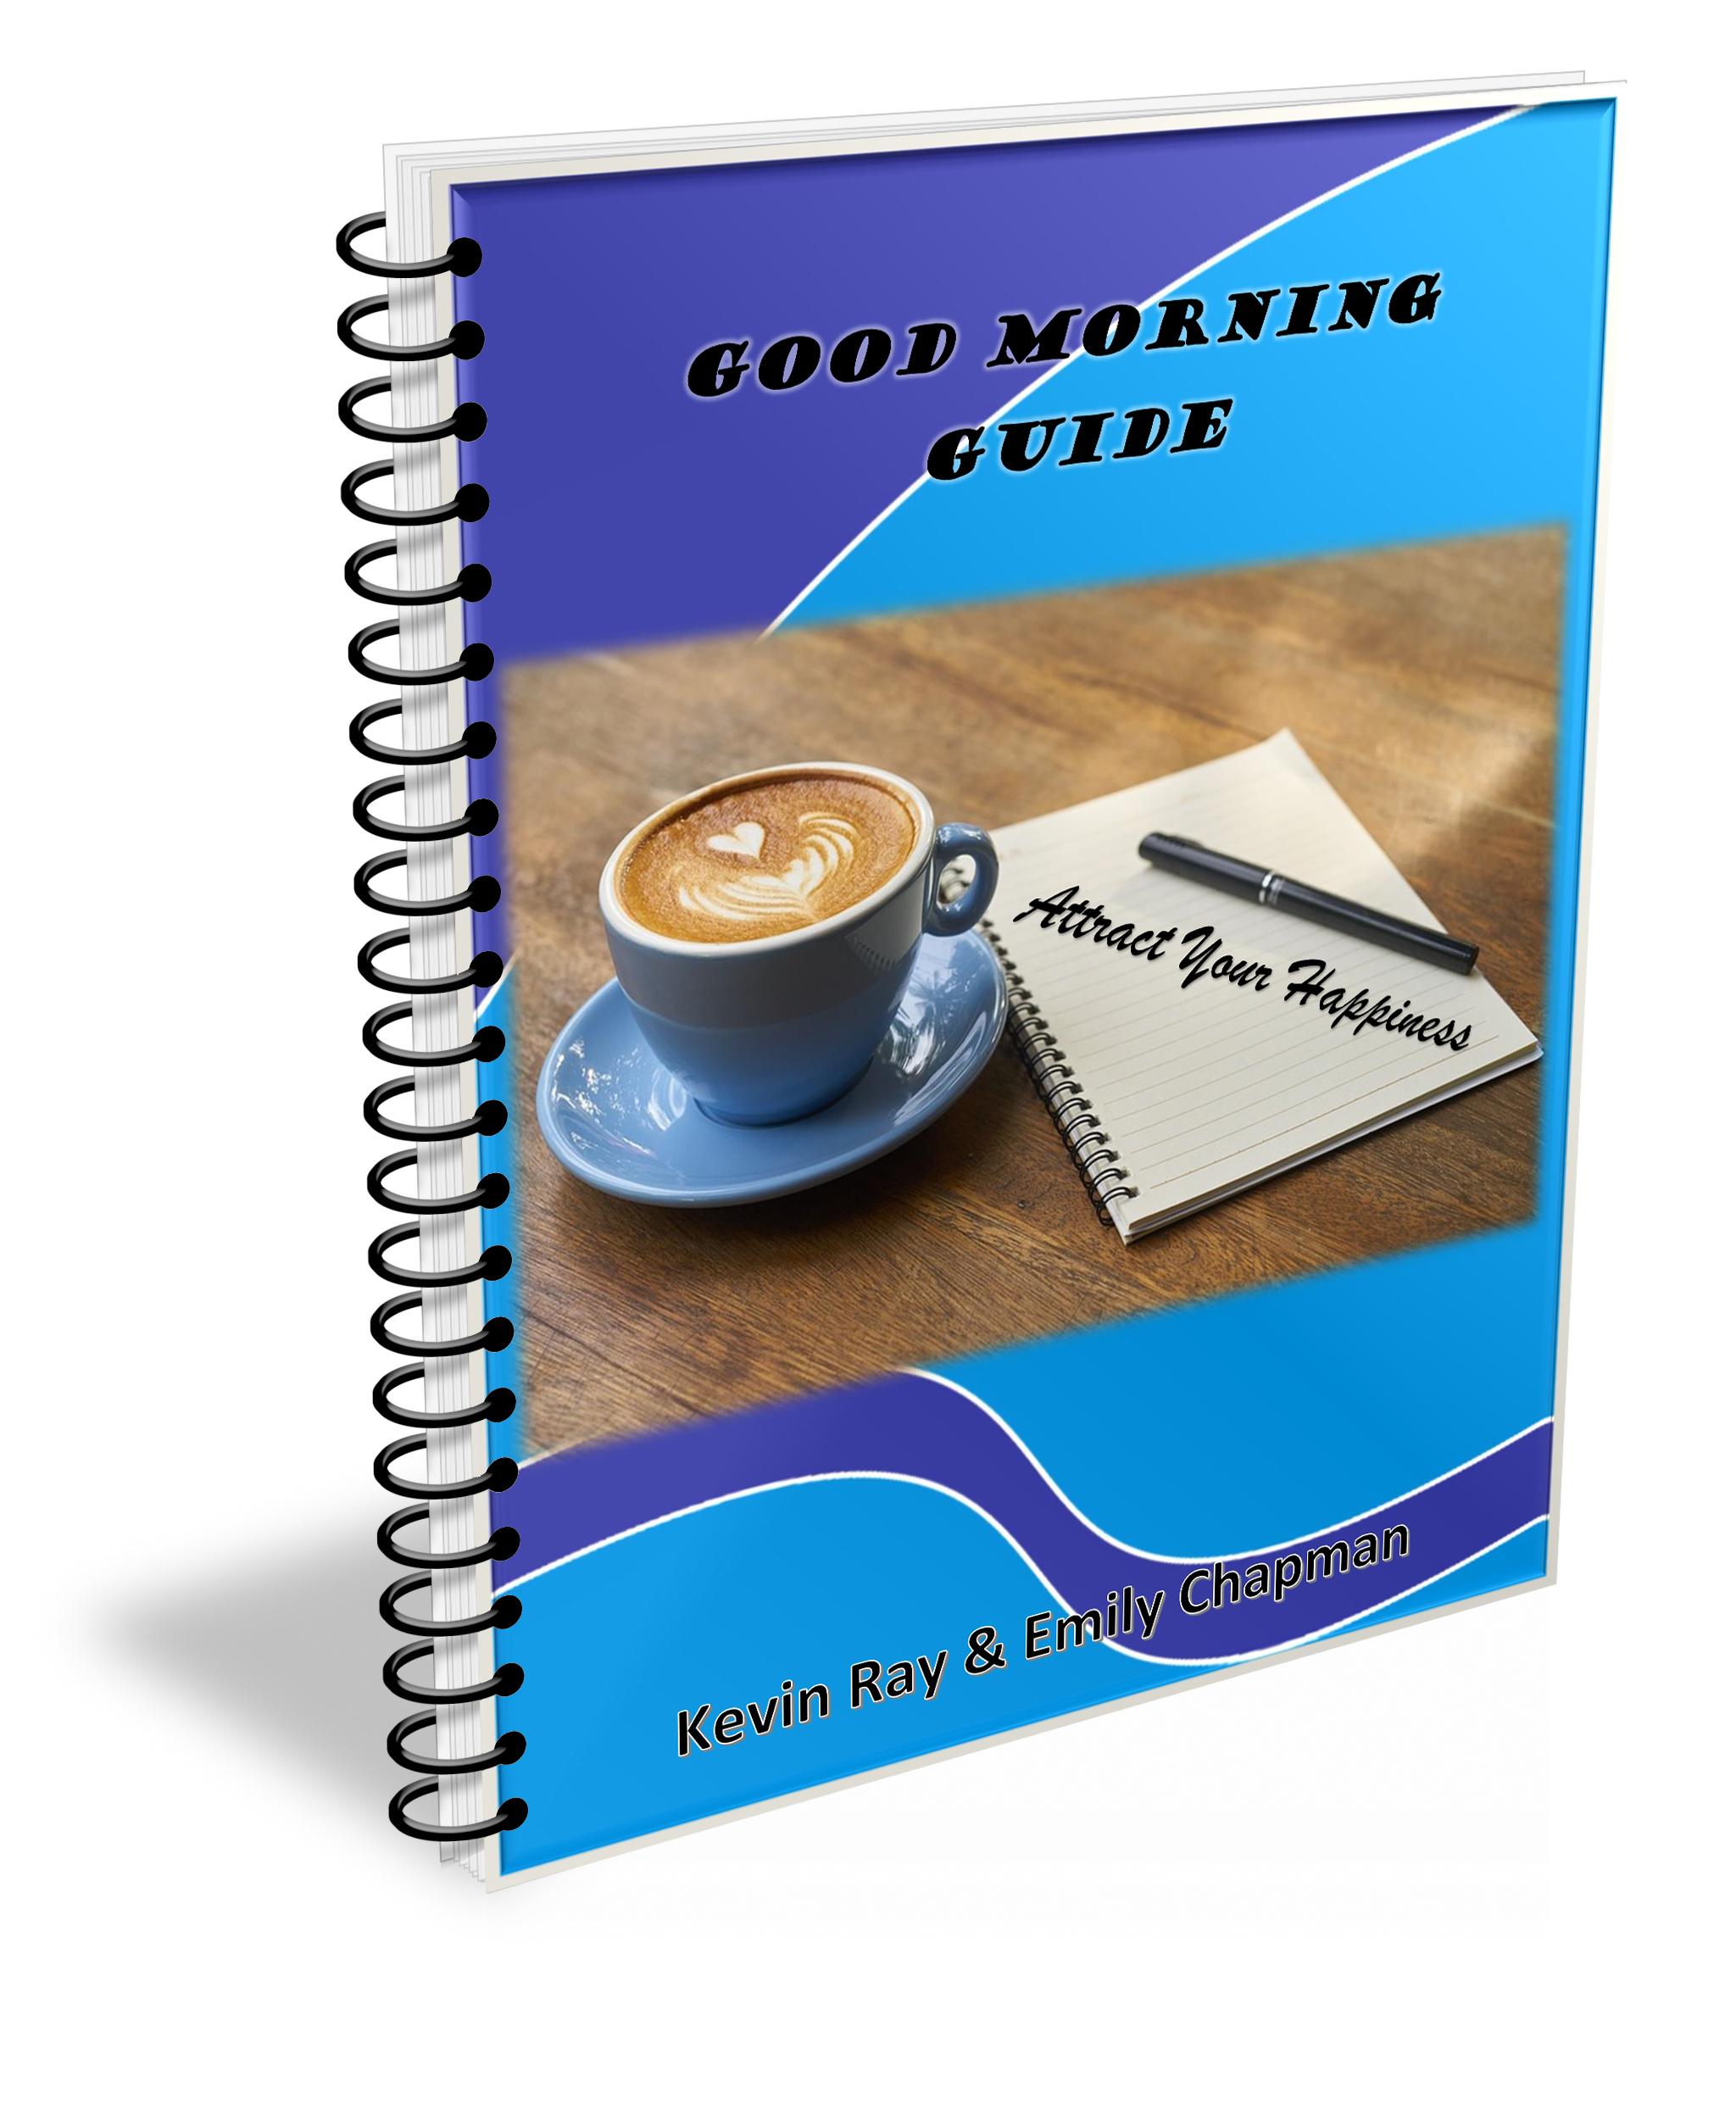 Good Morning Guide Cover.jpg